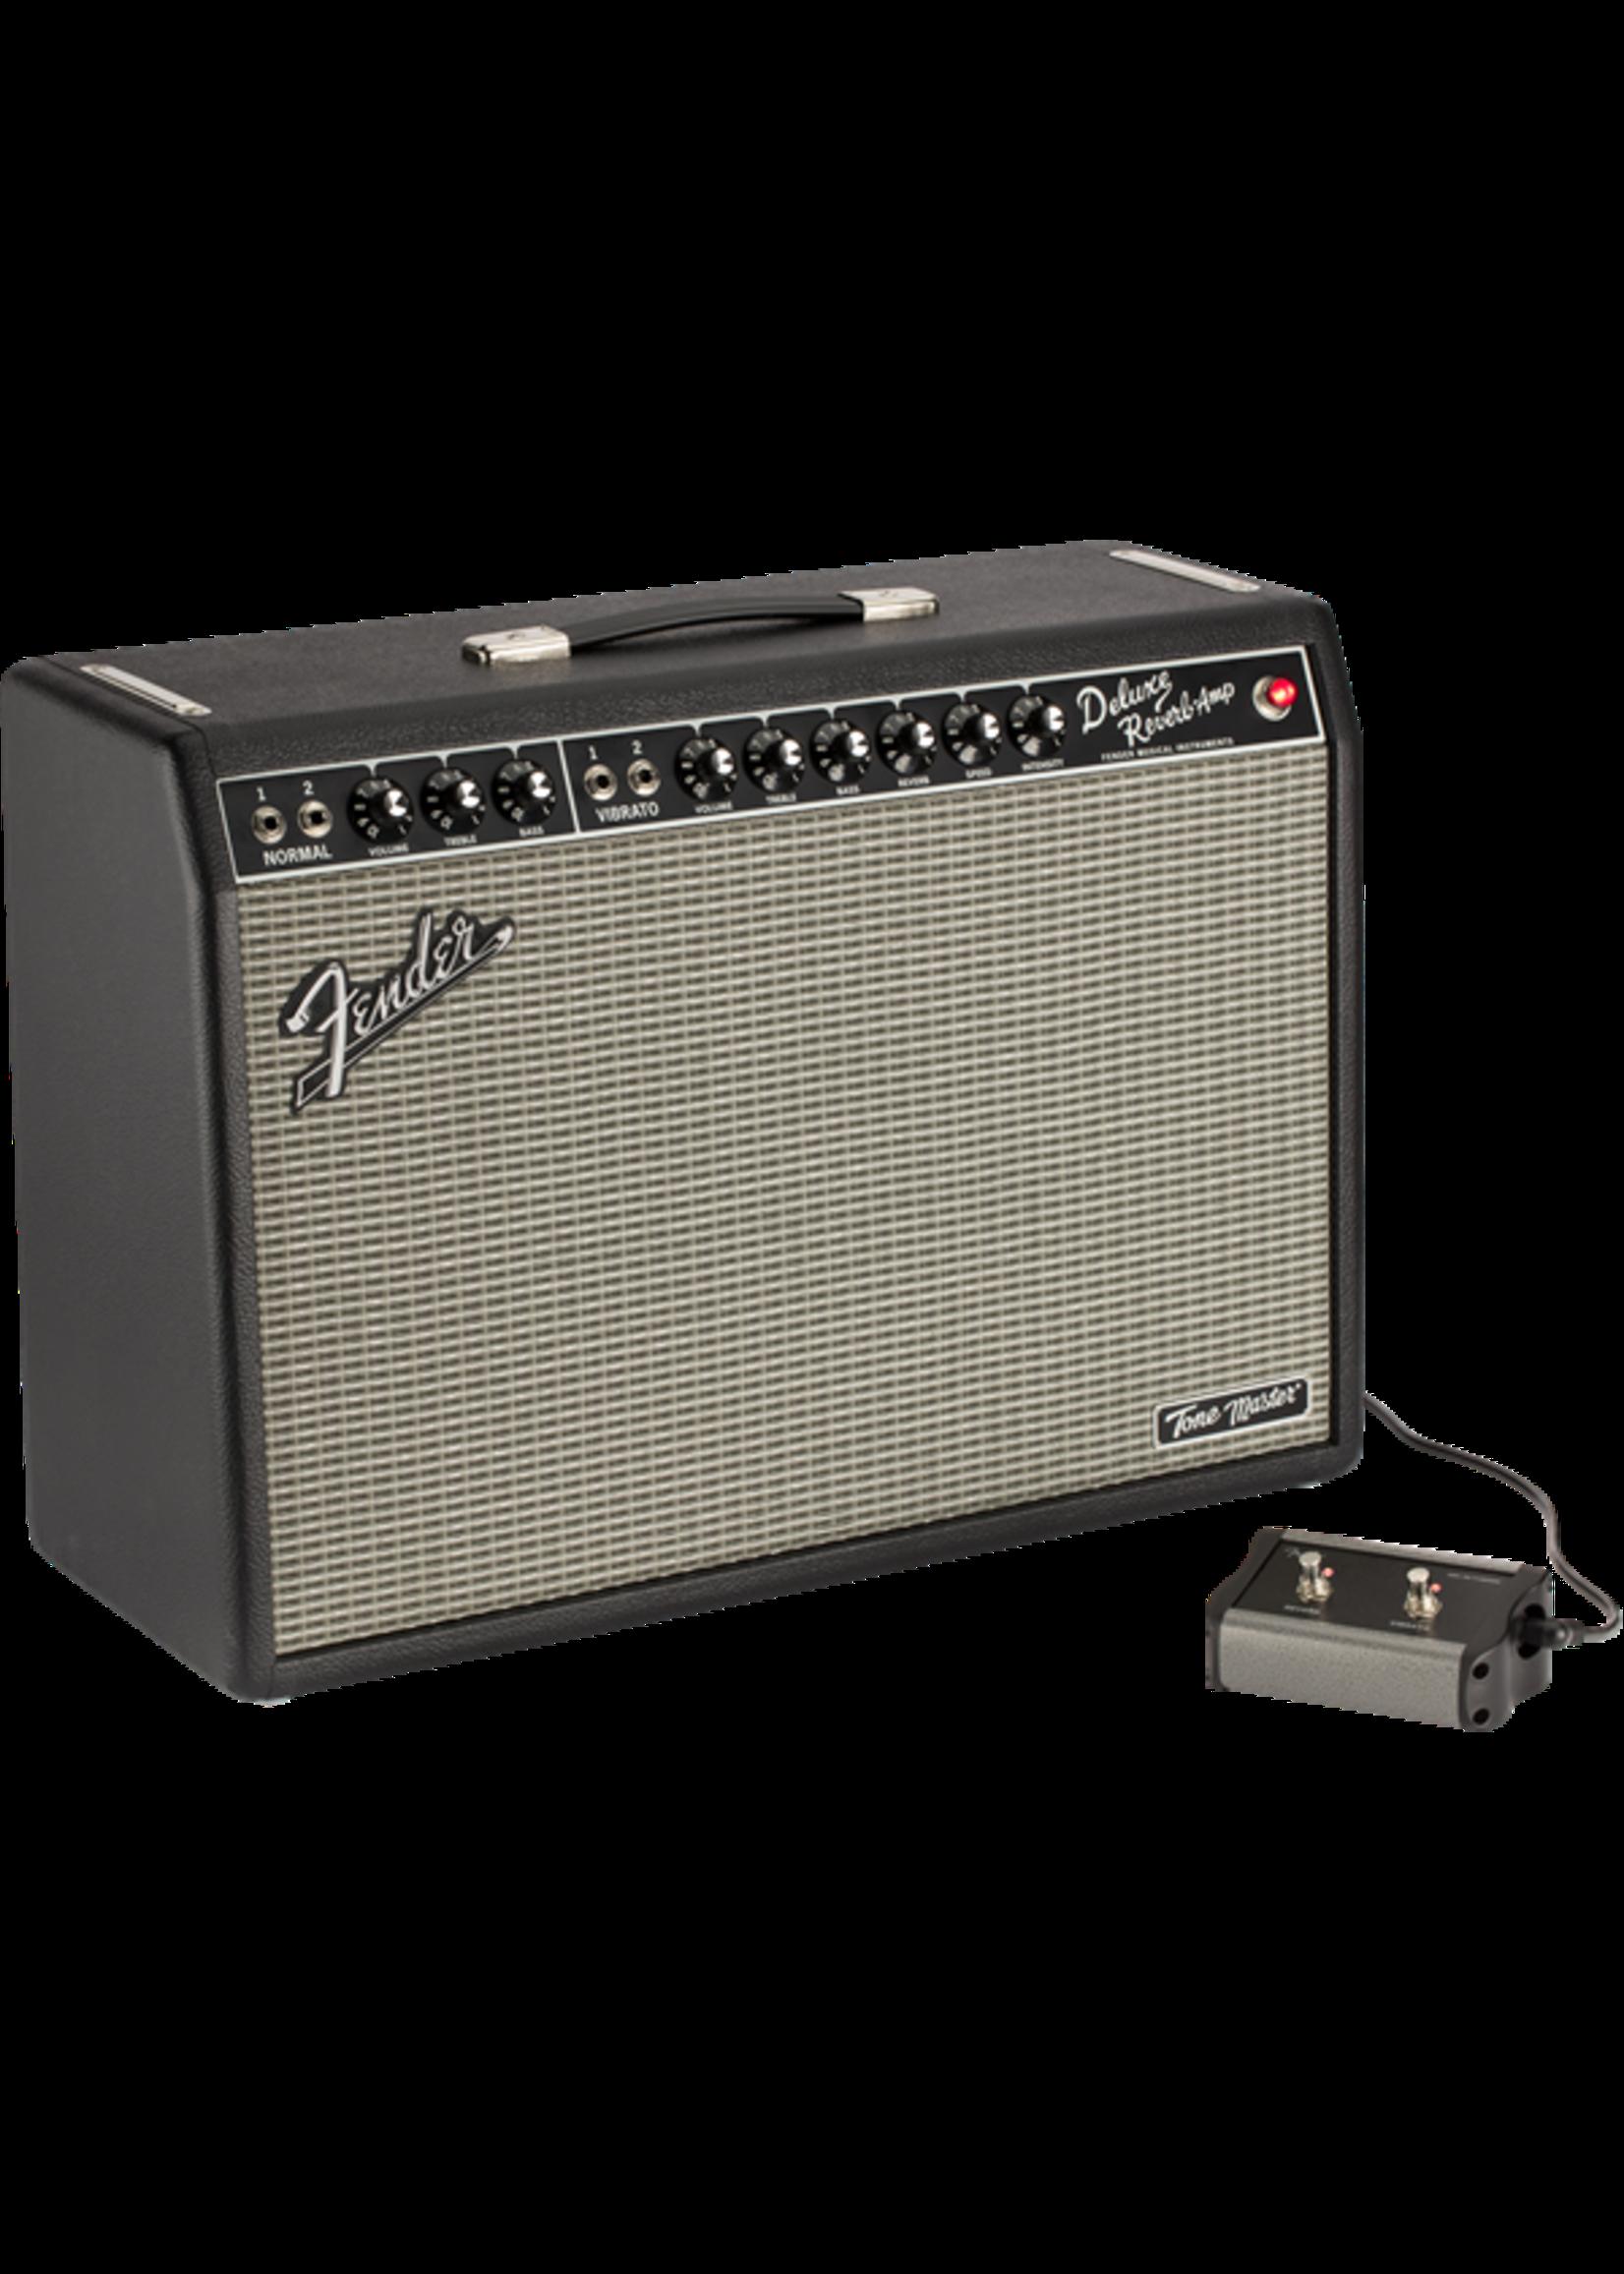 Fender Fender Tone Master Deluxe Reverb Amp